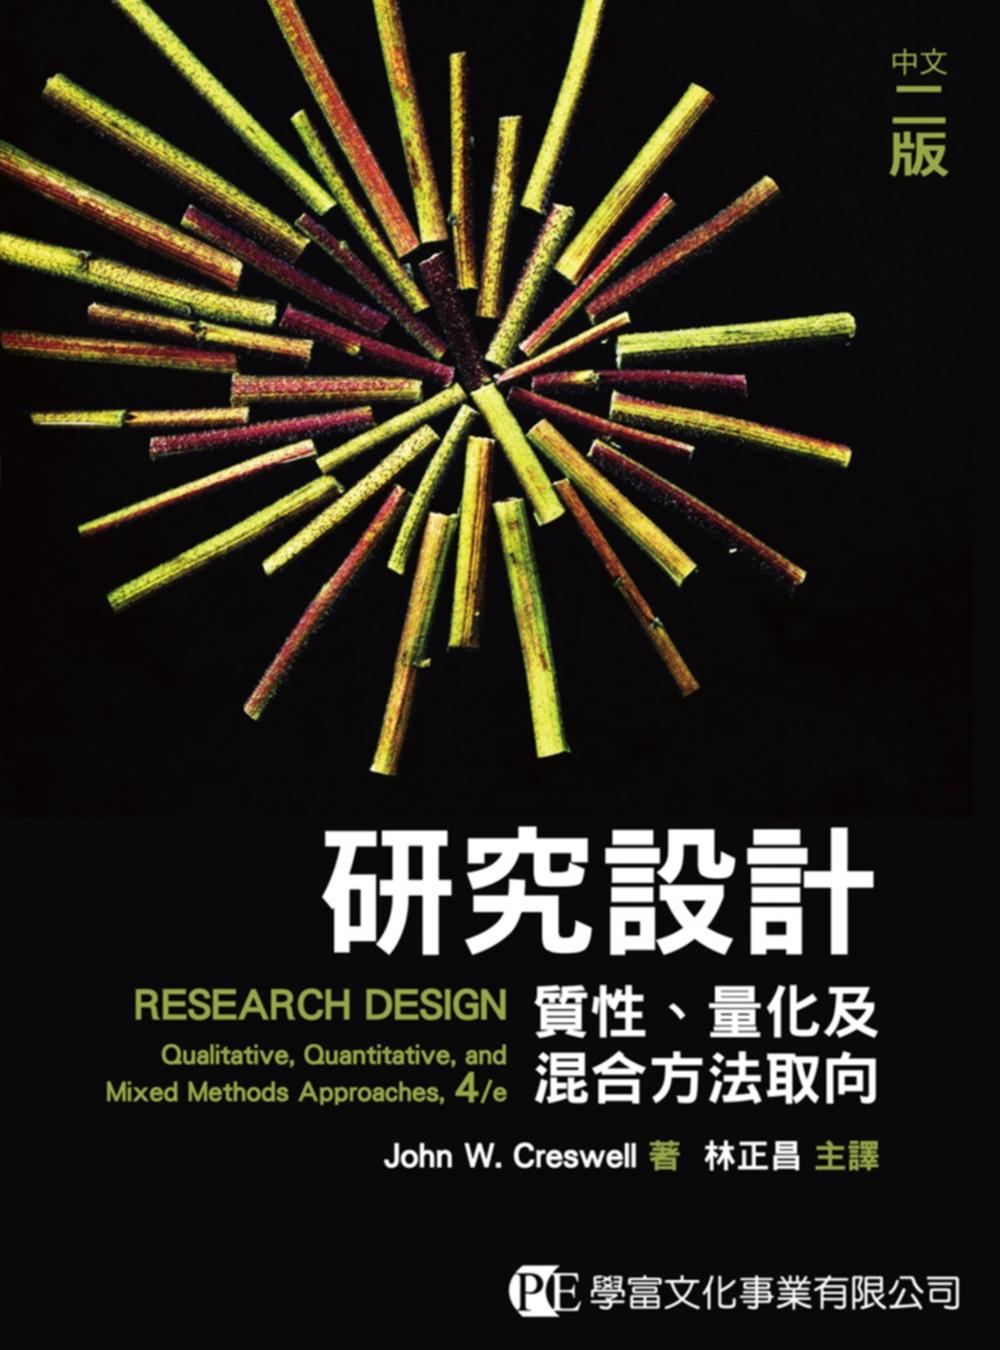 研究設計:質化、量化及混合方法取向(中文二版)